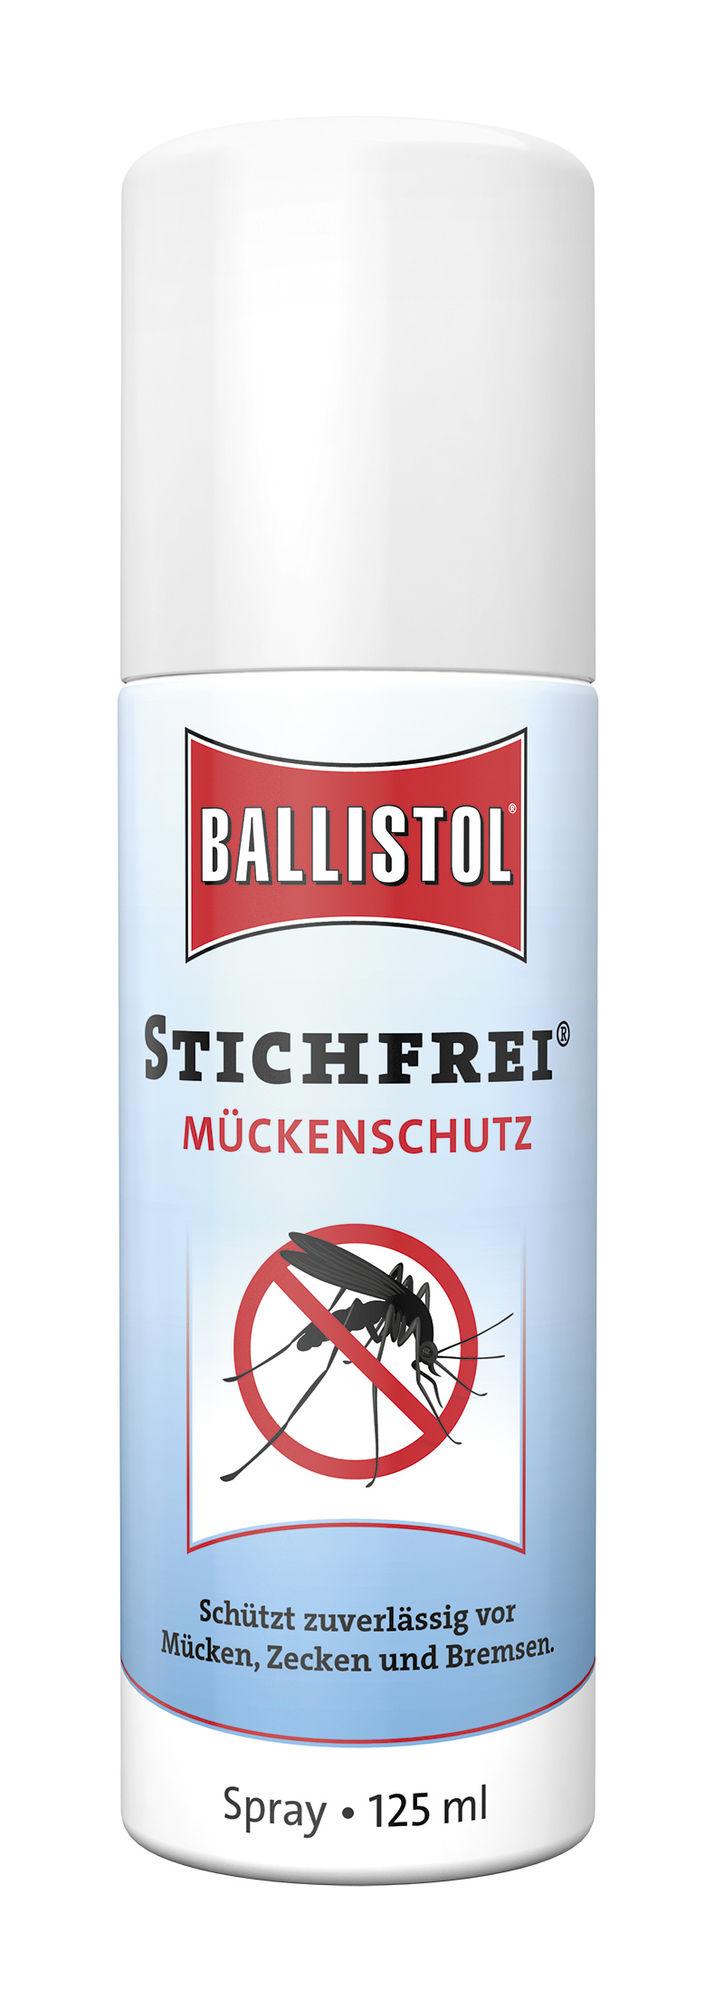 Ballistol Stichfrei Zecken- u. Mückenschutz Spray 125 ml